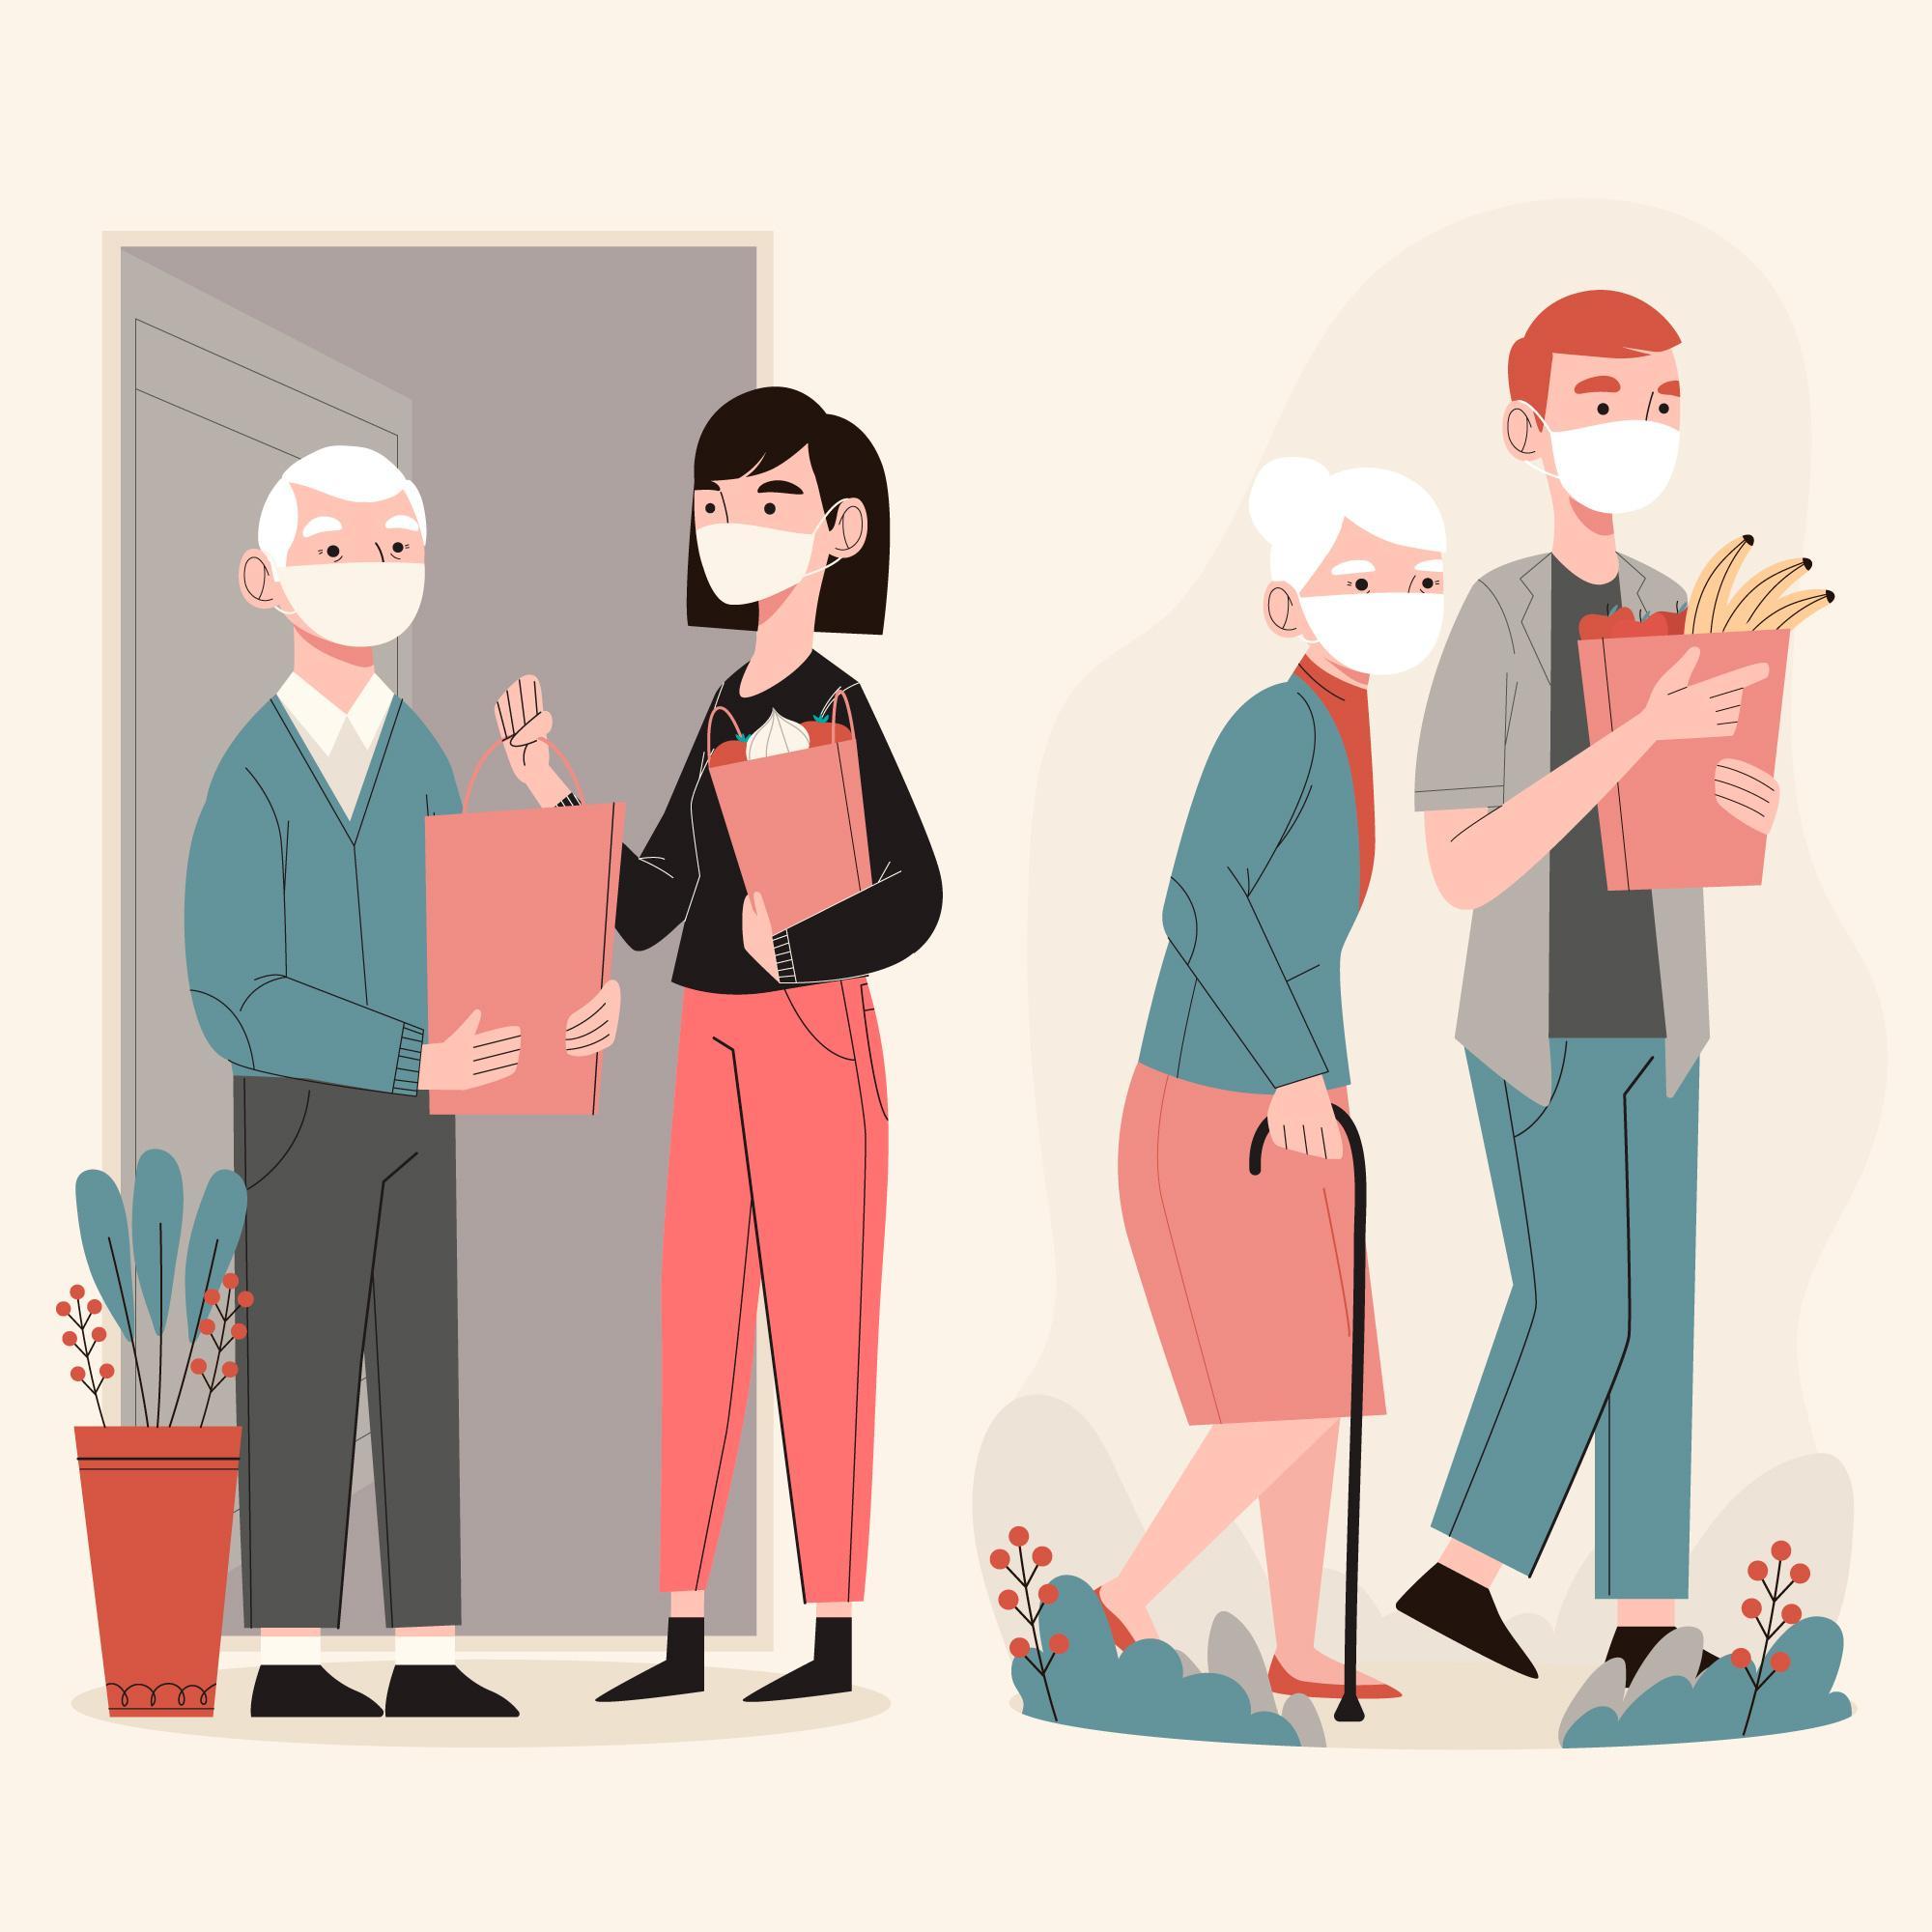 La cuarentena puede afectar la salud mental de los adultos mayores